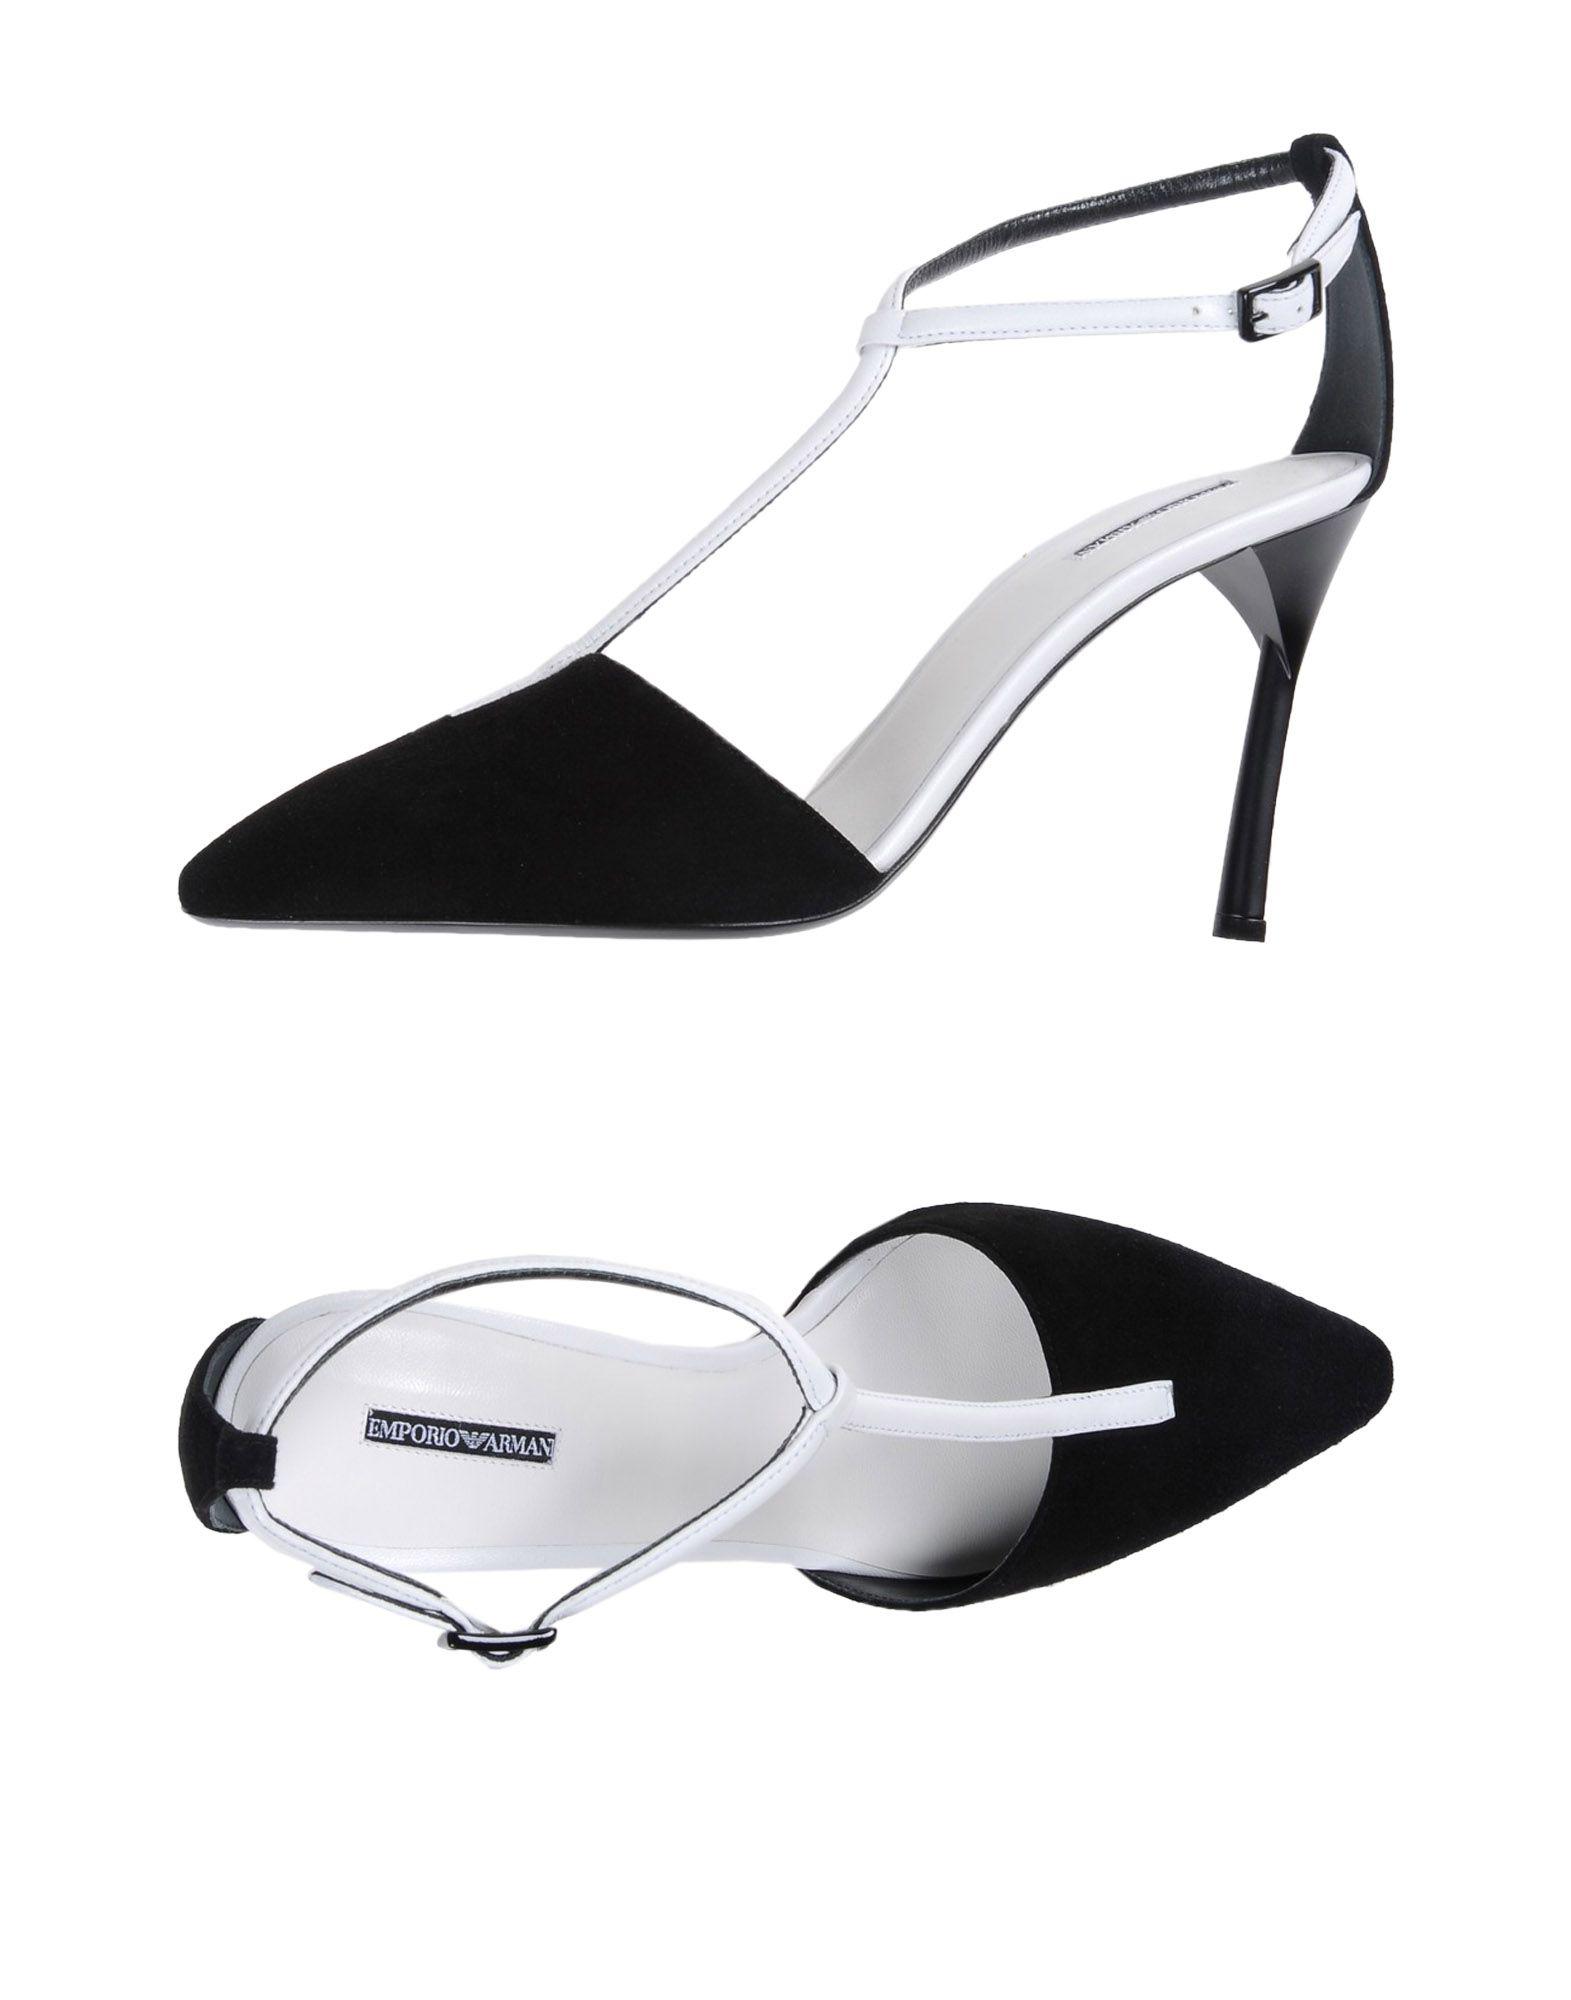 Stilvolle billige Schuhe Emporio Armani Pumps Damen  11216515OL